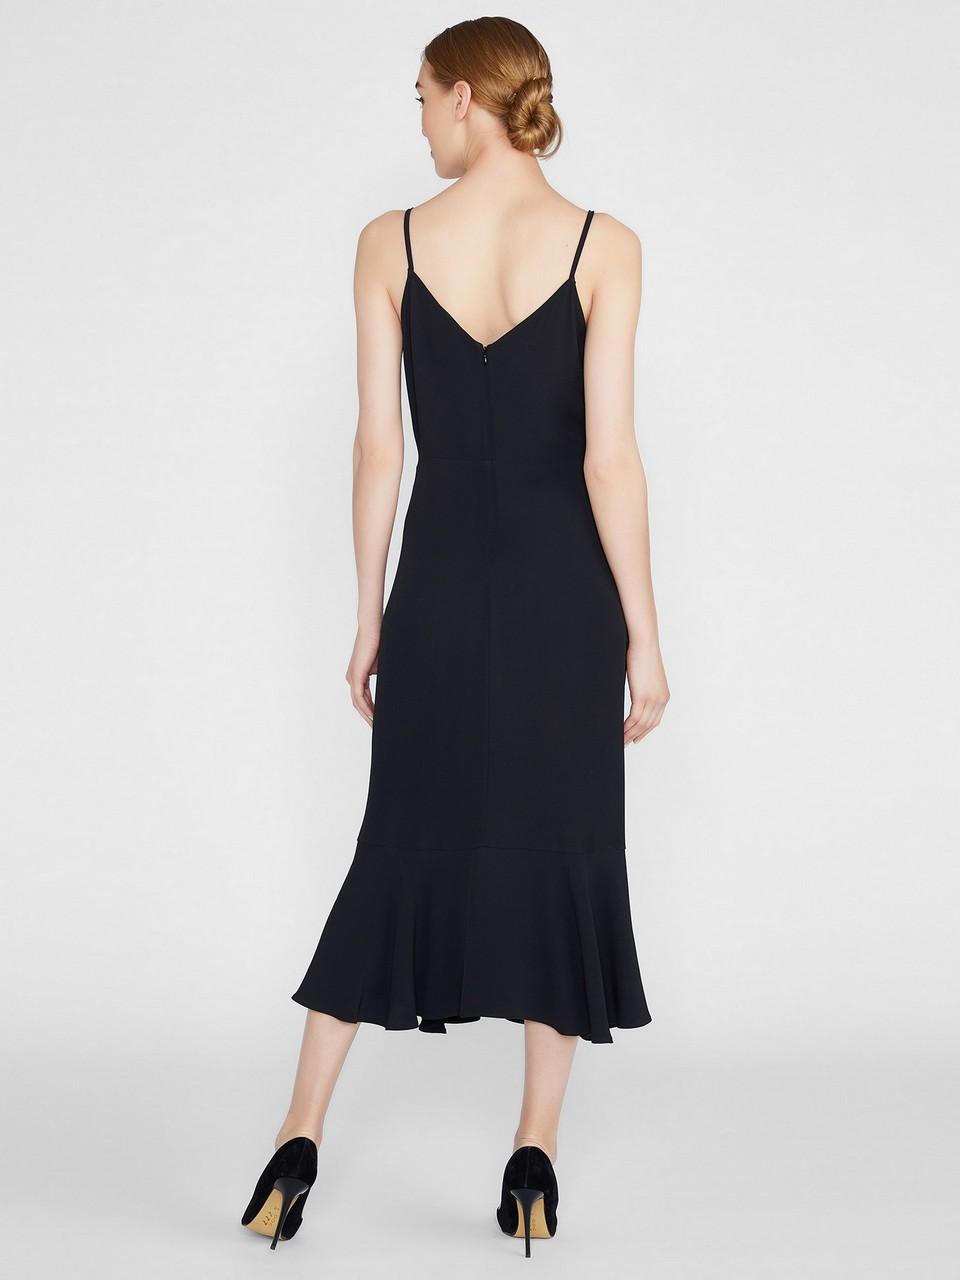 İp Askılı Volanlı Midi Elbise